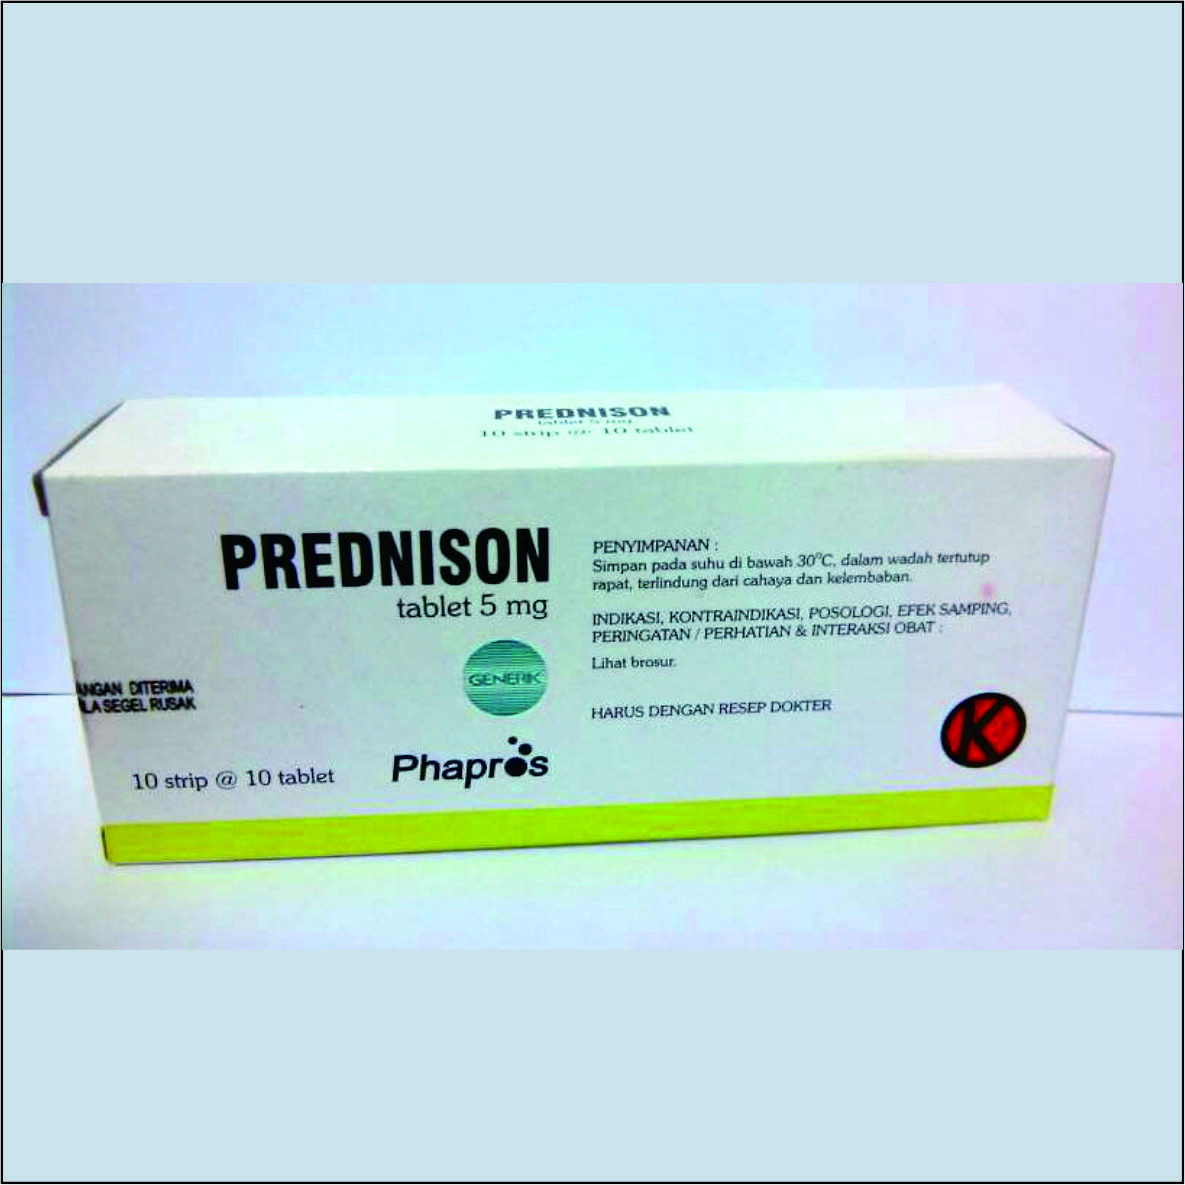 Prednisone 5 Mg Obat Untuk Peradangan Mengatasi Pastribu Herbal